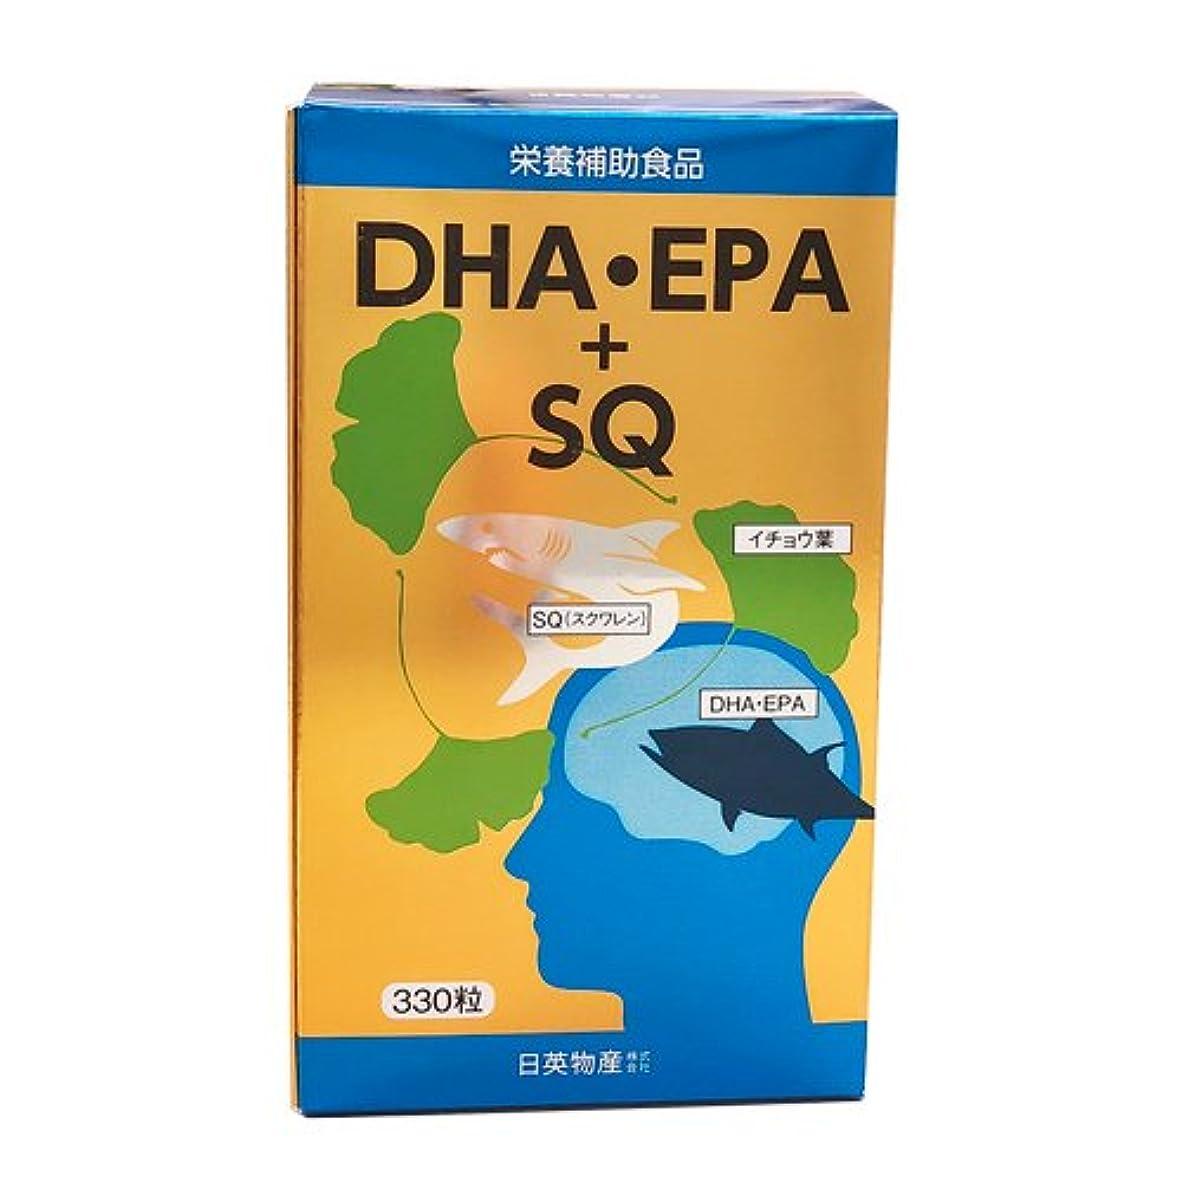 バーまばたき王朝DHA・EPA+SQ